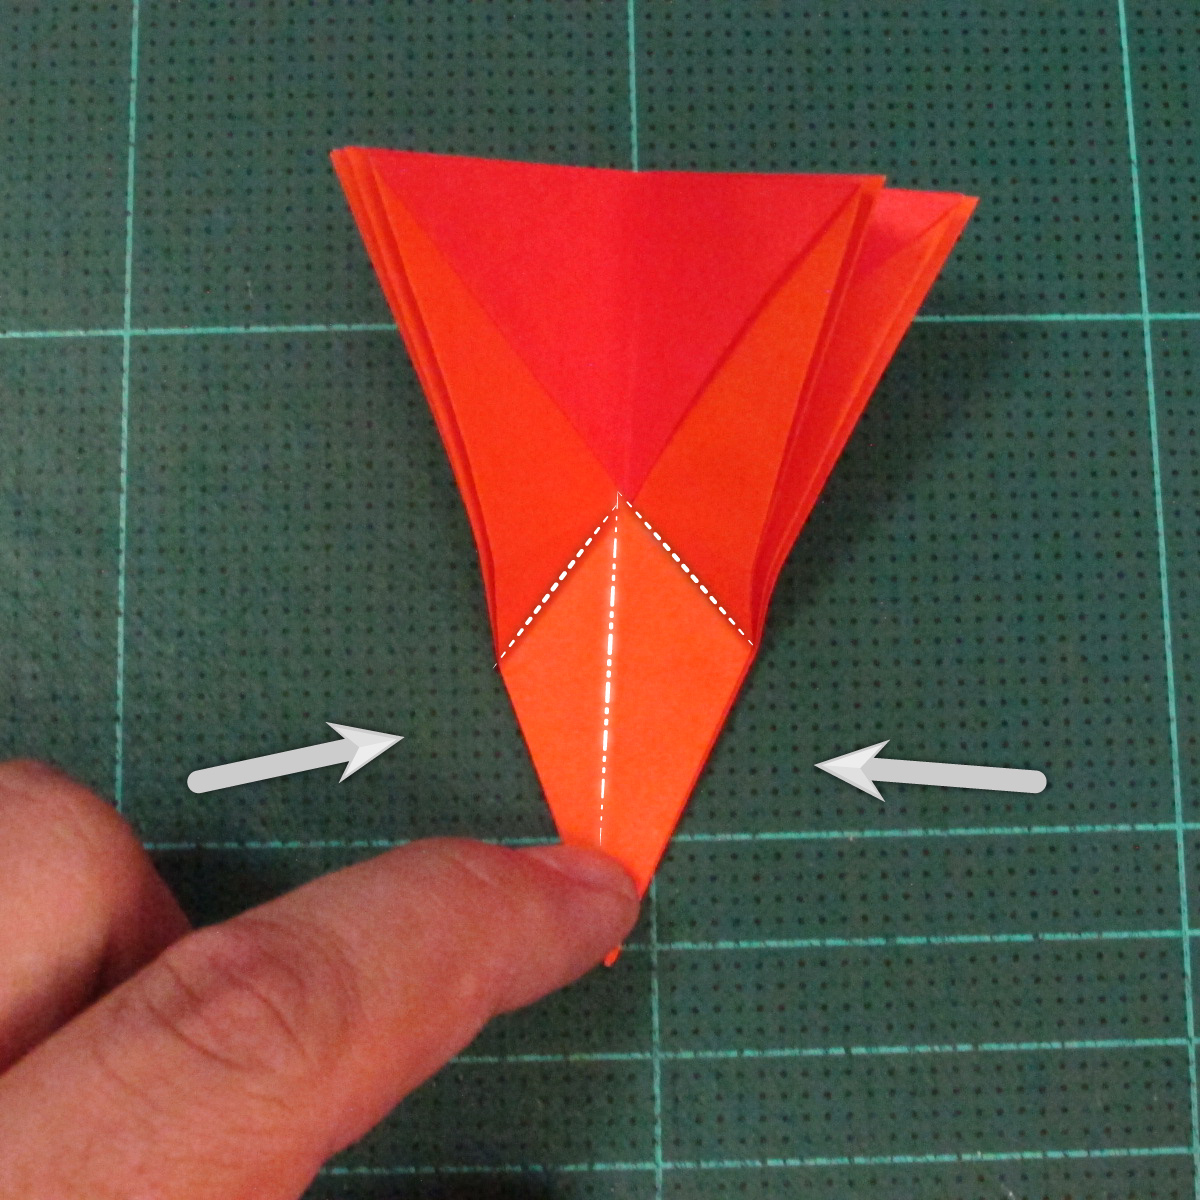 วิธีพับกระดาษเป็นช่อดอกไม้ติดอกเสื้อ (Origami Wedding Chest Flower) 016